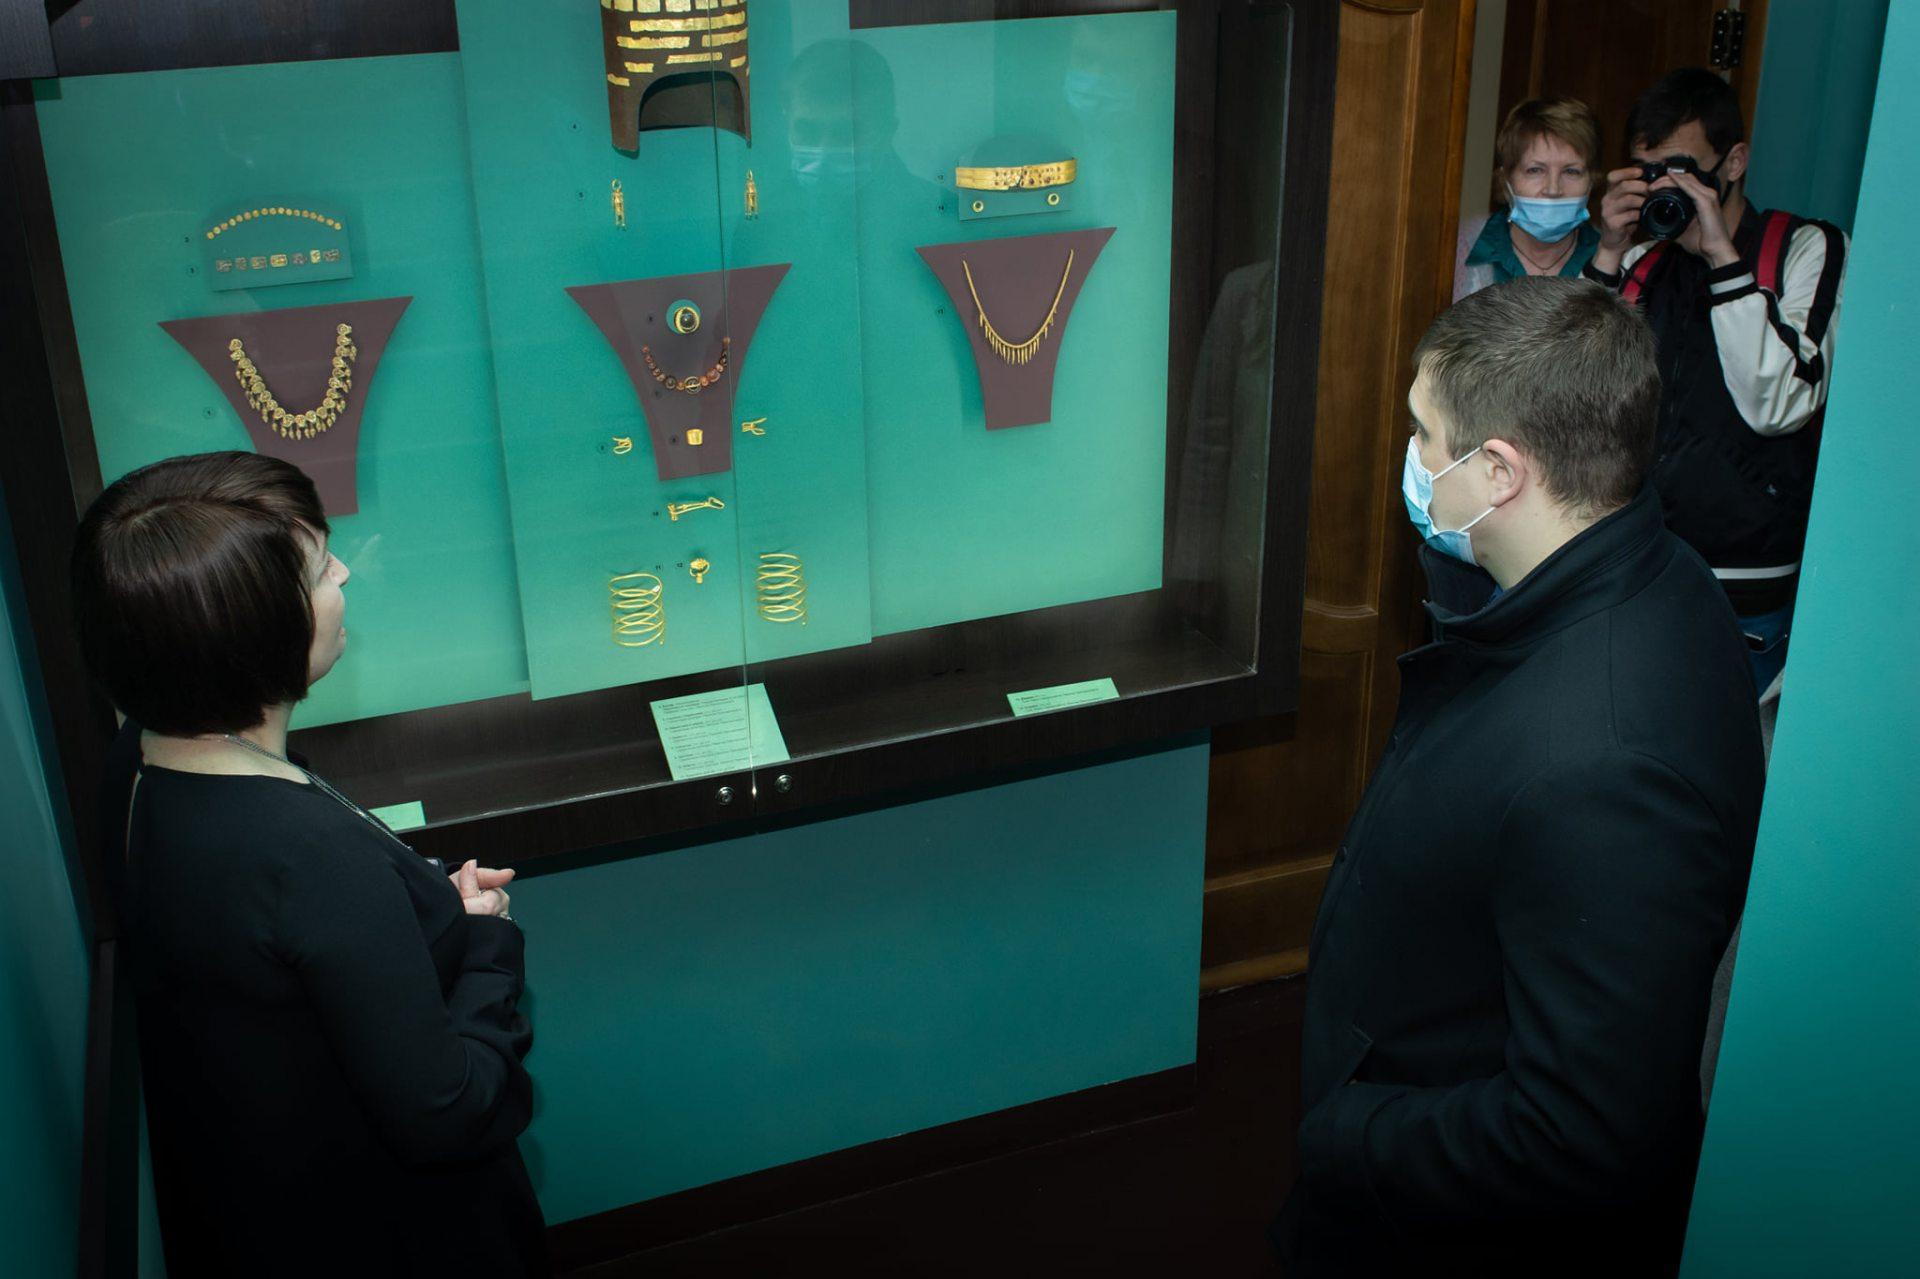 Херсонский краеведческий музей,Херсонская ОГА,выставка